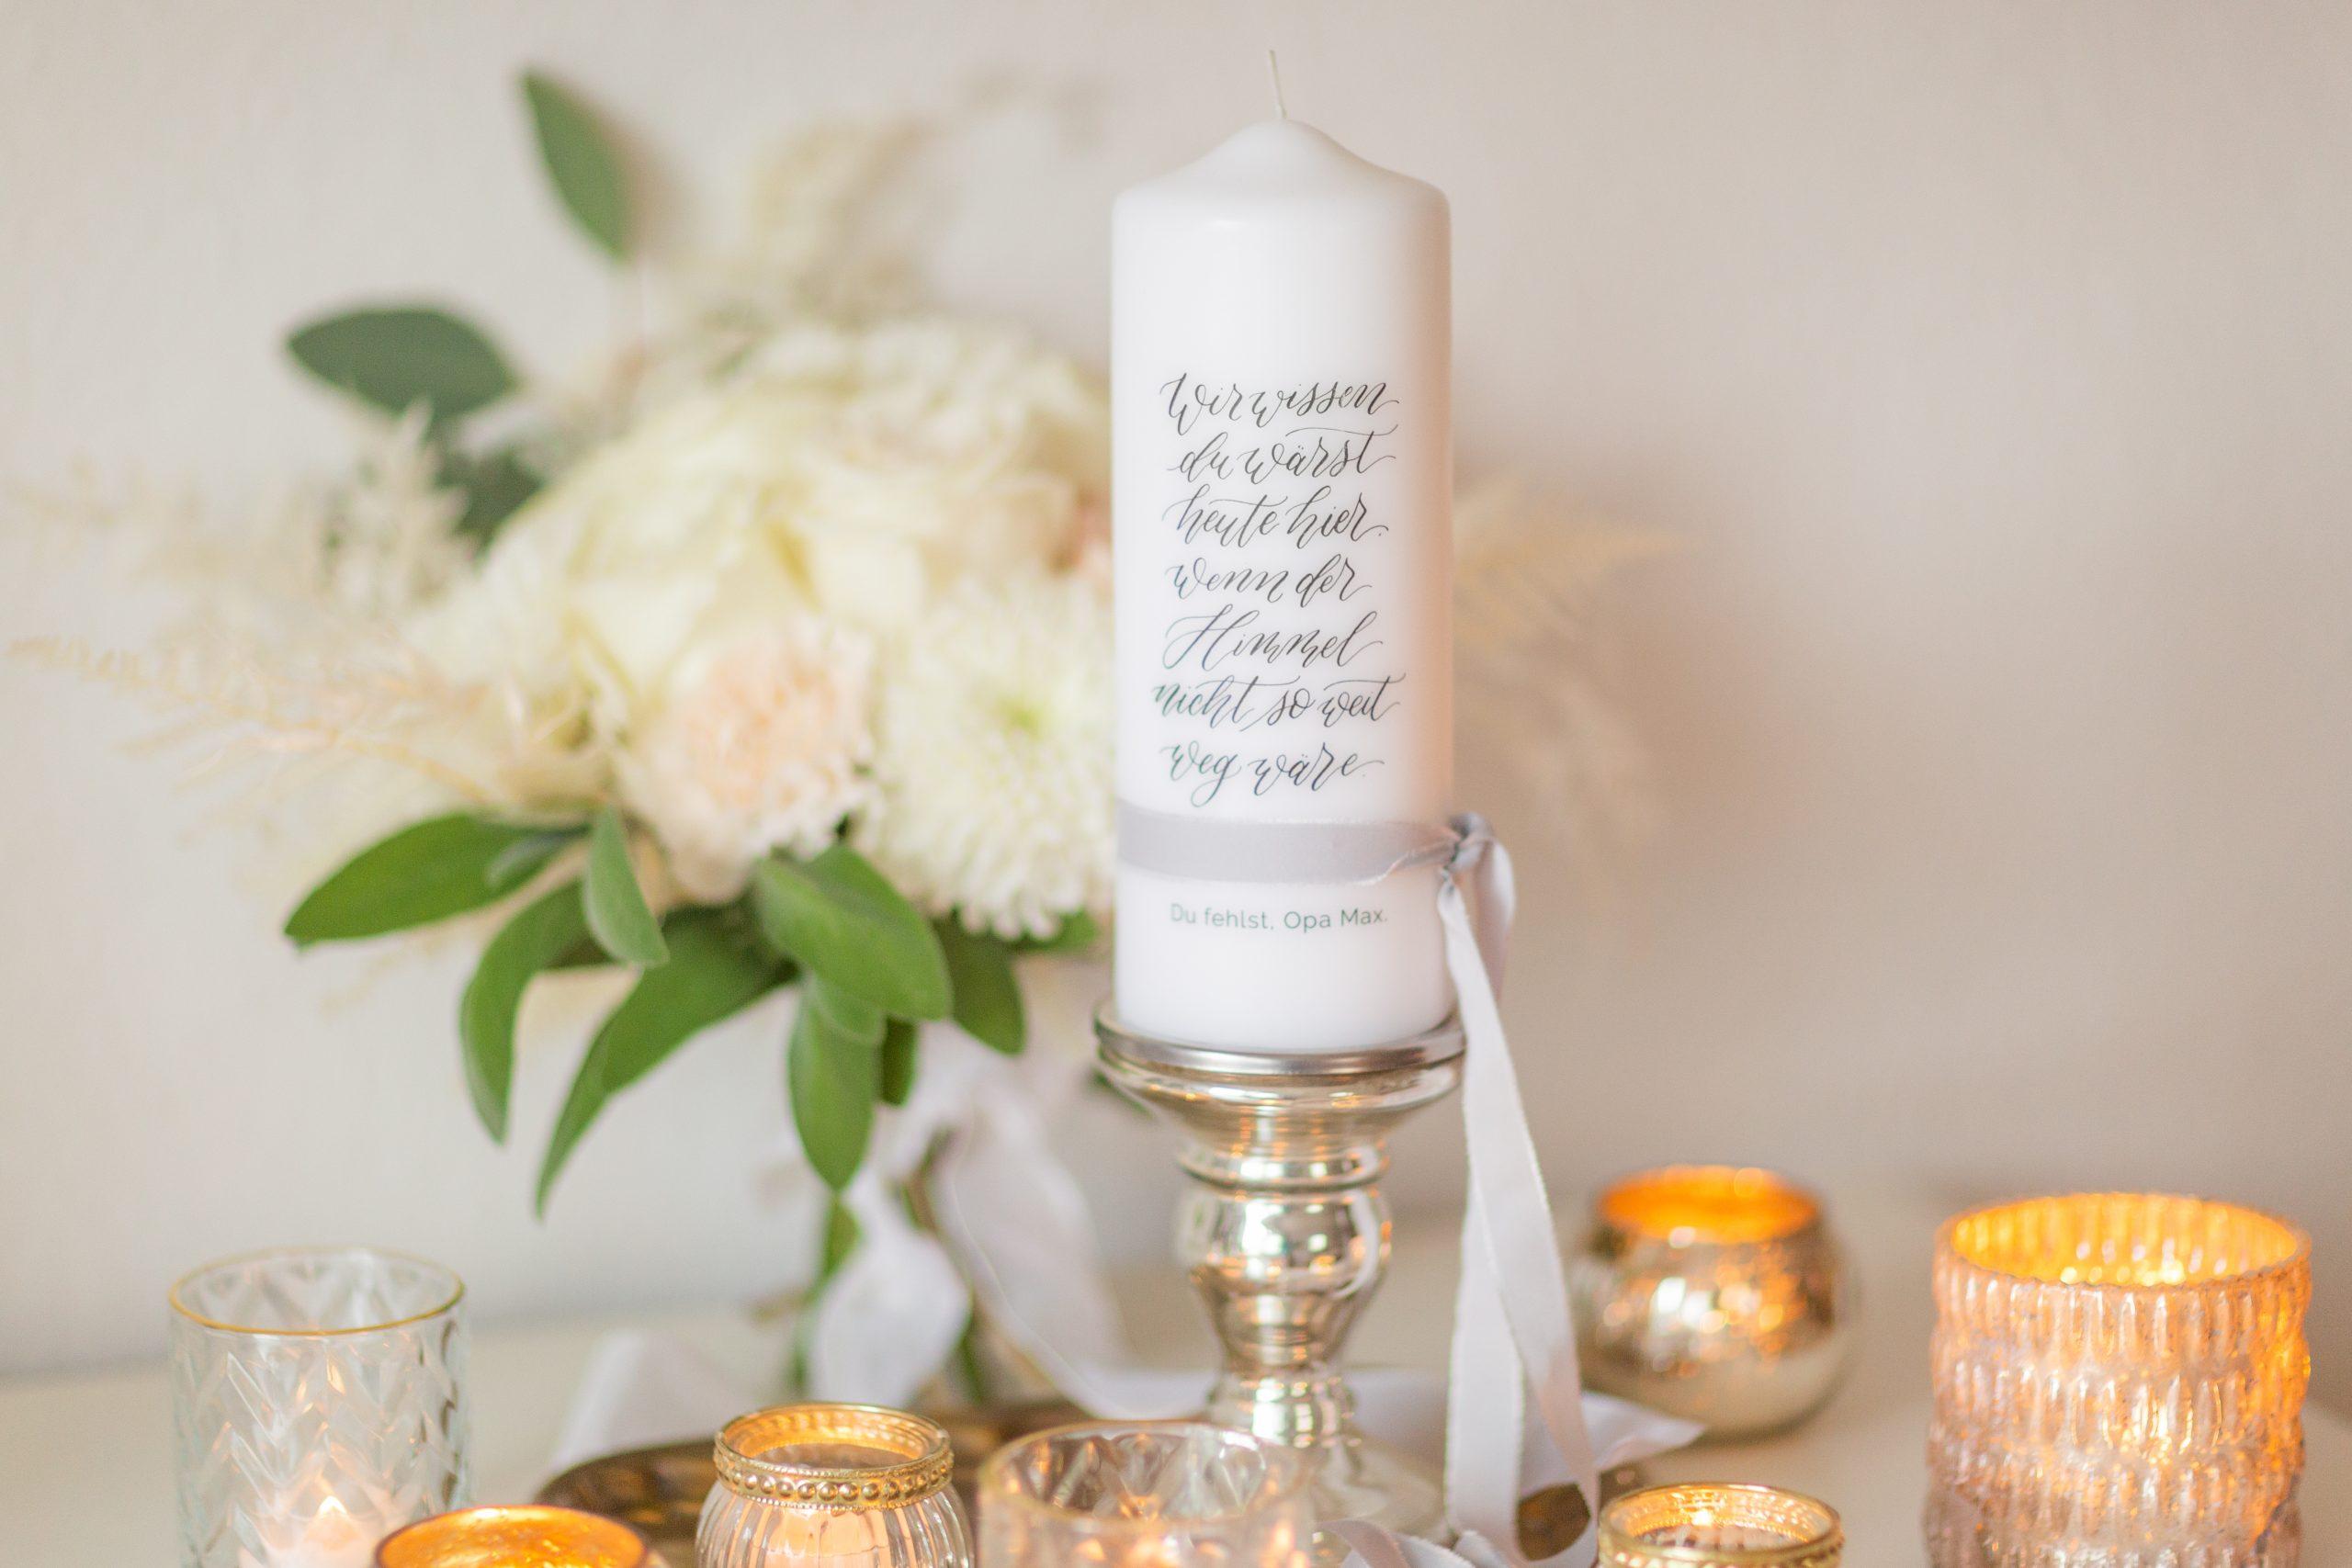 Gedenkkerze Hochzeit, Gedenkkerze, Trauerkerze personalisiert, Gedenkkerze für Verstorbene